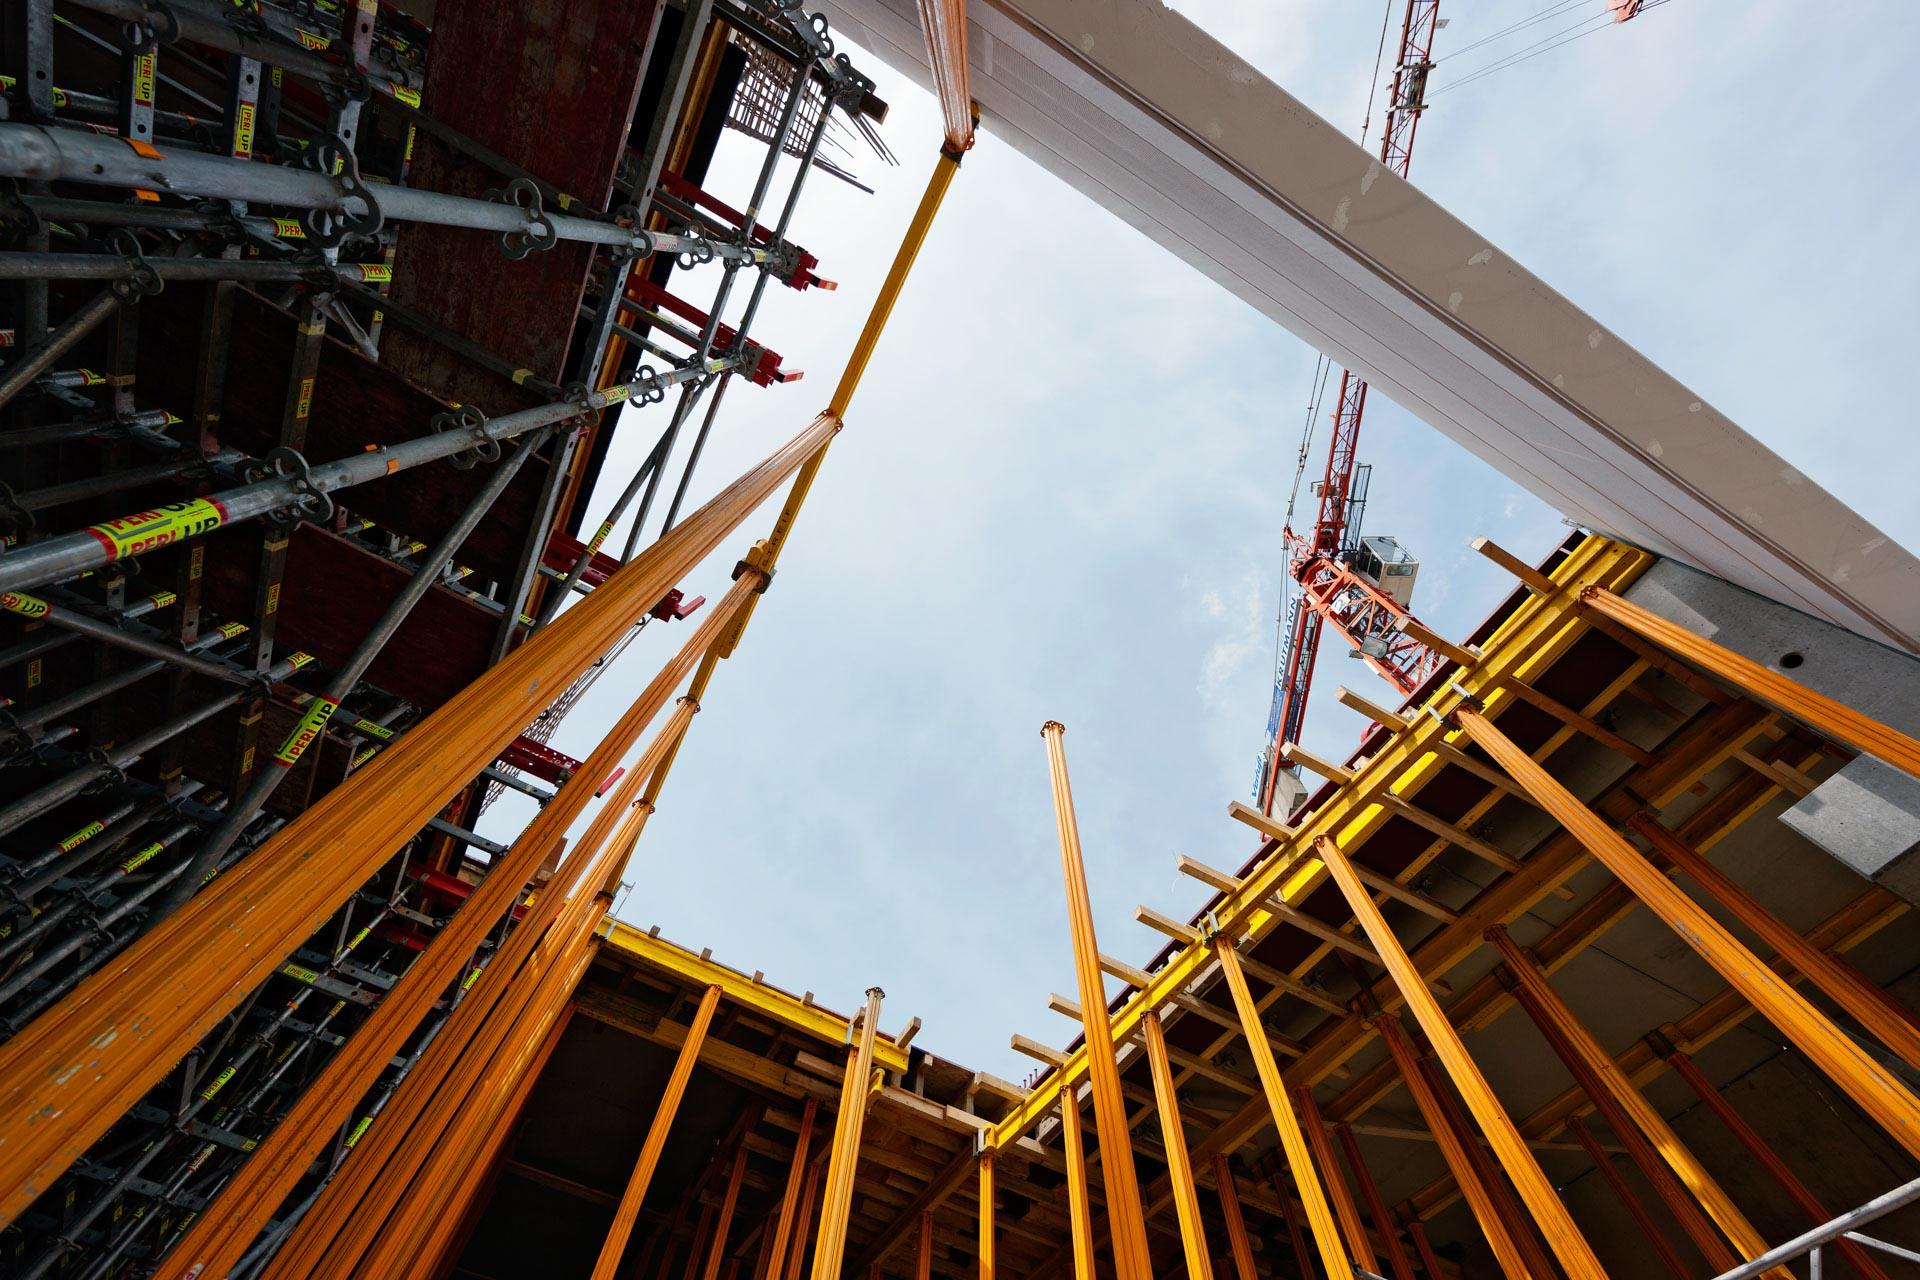 Baugerüste einer Großbaustelle mit Baukran eines Massivbaus